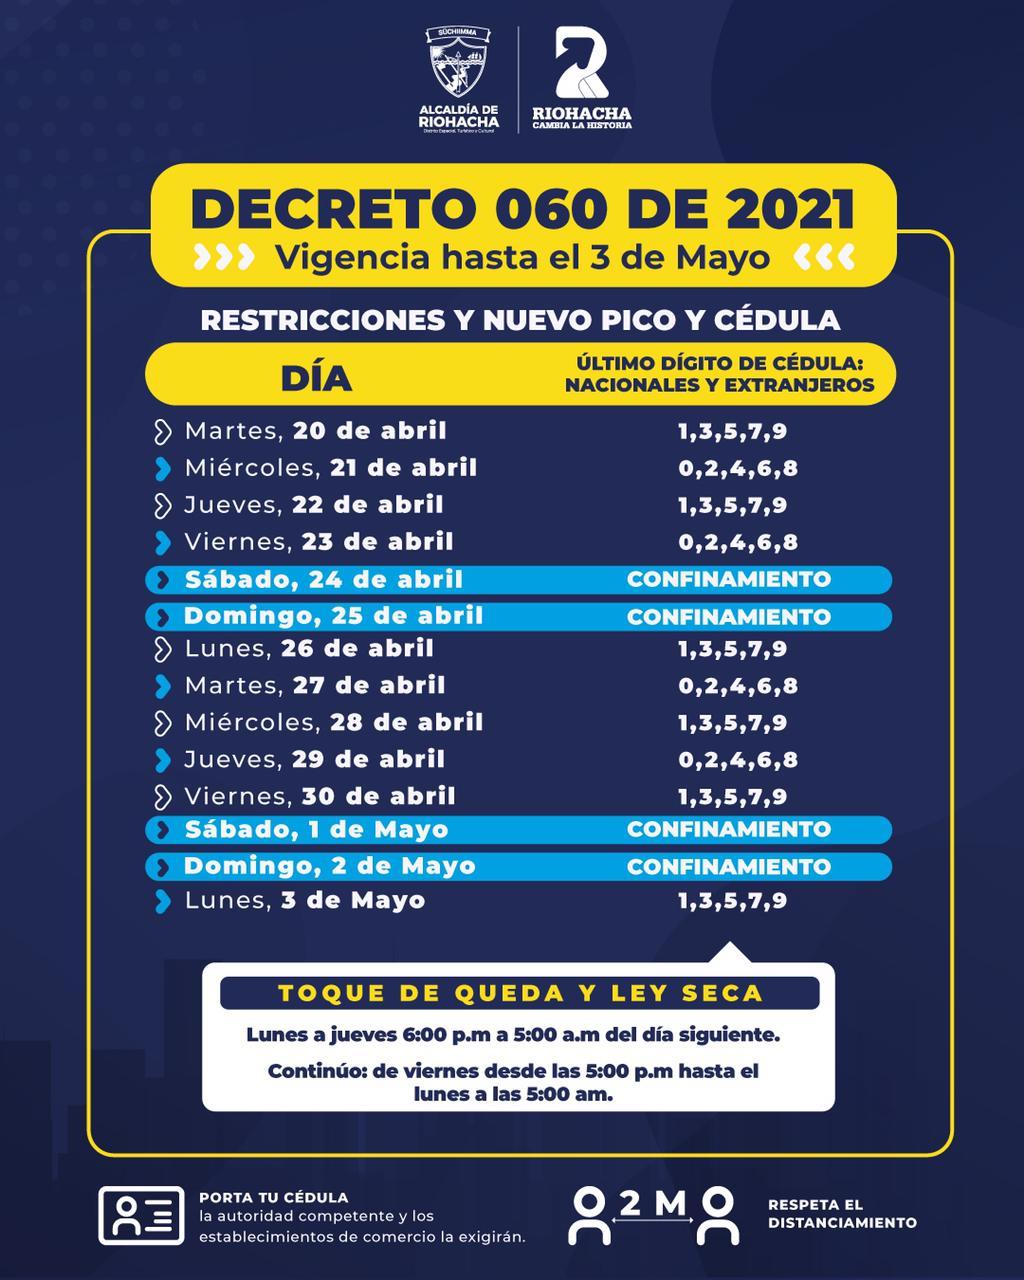 hoyennoticia.com, Continúa el toque de queda, la ley seca y el pico y cédula en Riohacha